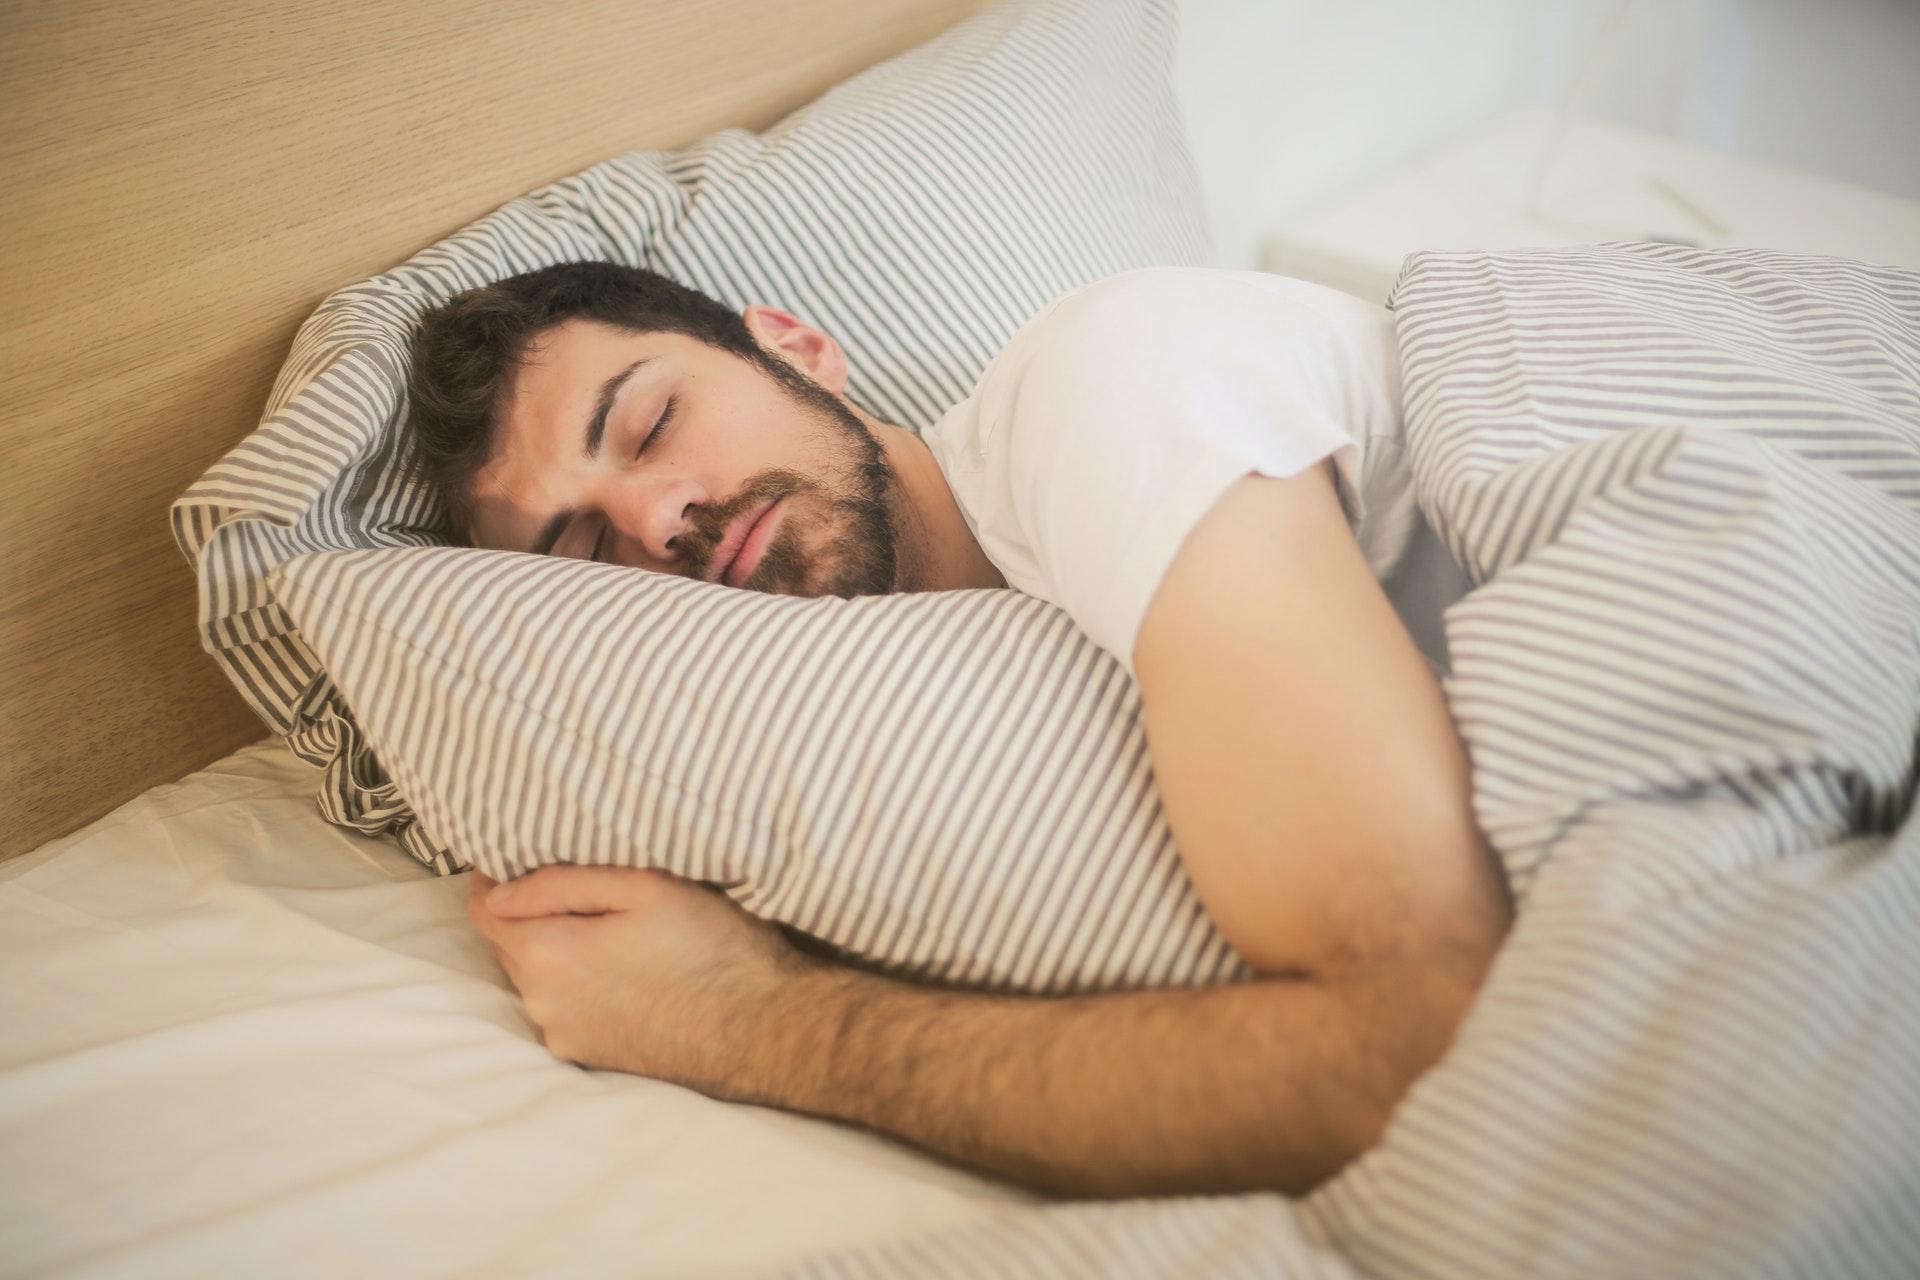 睡眠の質を高める7つの習慣【寝る前の行動が明日の一日を決める!】